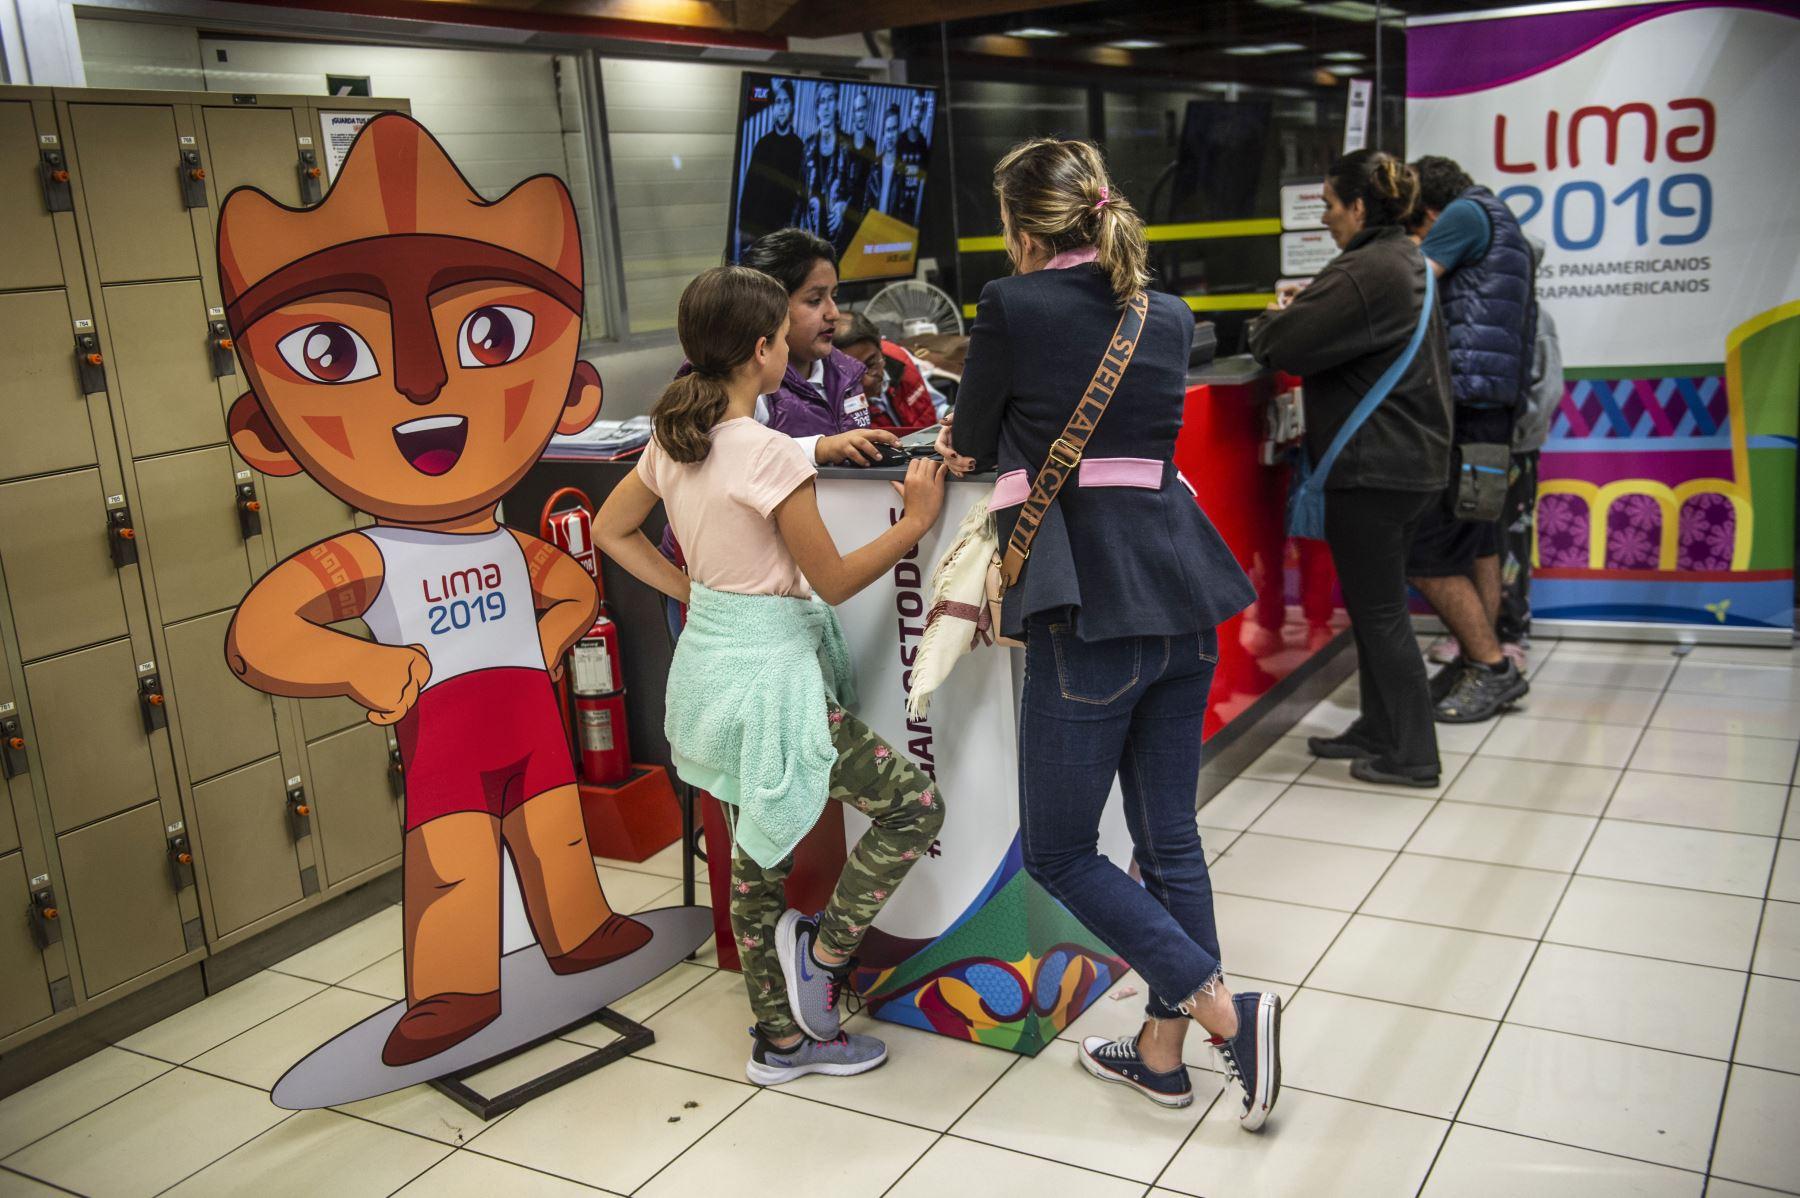 Público compra boletos de los Juegos Panamericanos en Lima en 2019, durante el primer día se vendieron más de 25 mil boletos que batió el récord histórico en ventas de boletos para espectáculos deportivos en Perú. Foto: AFP